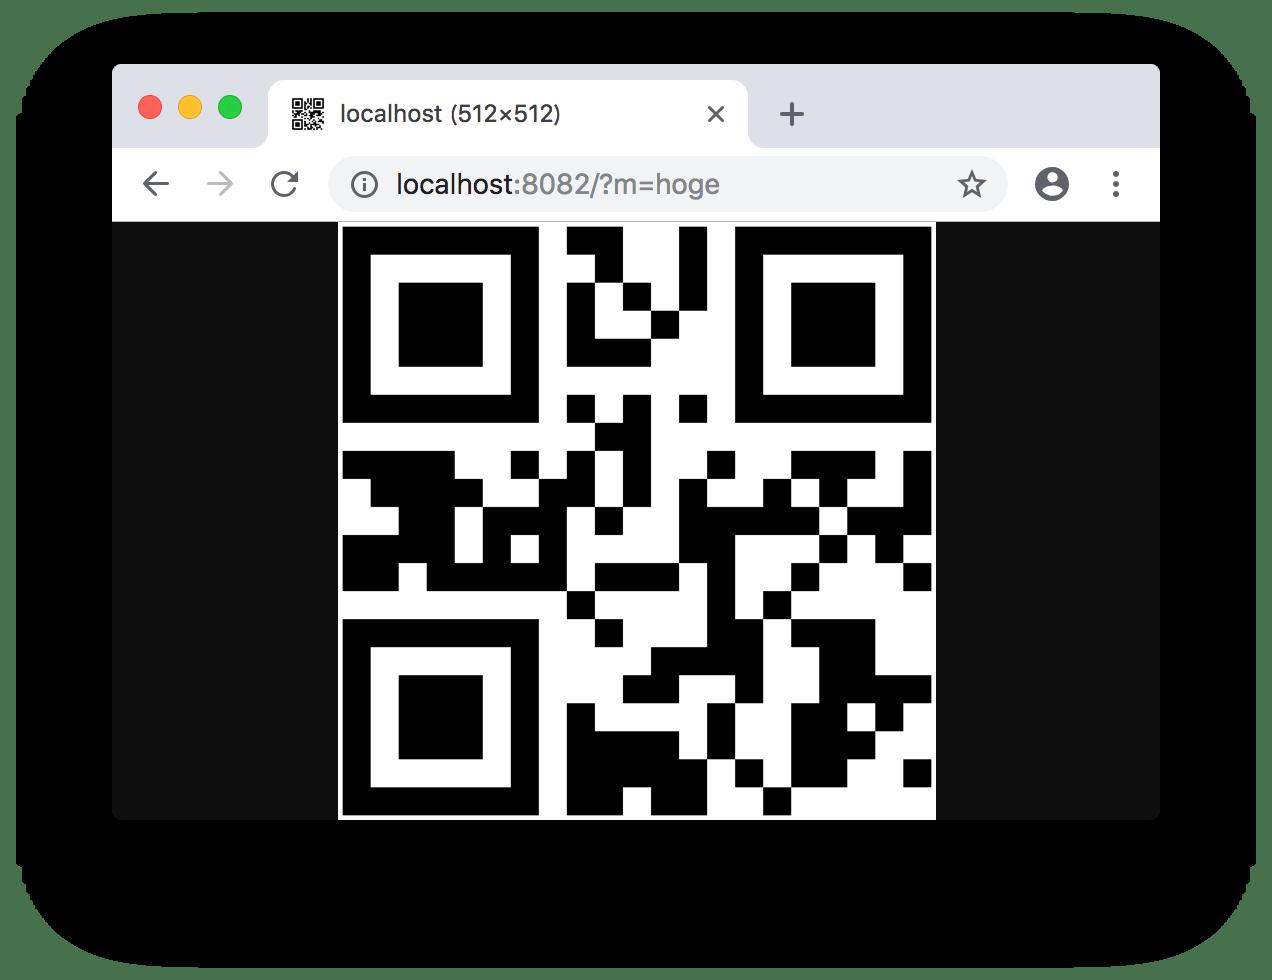 スクリーンショット 2018-09-29 21.05.14.png